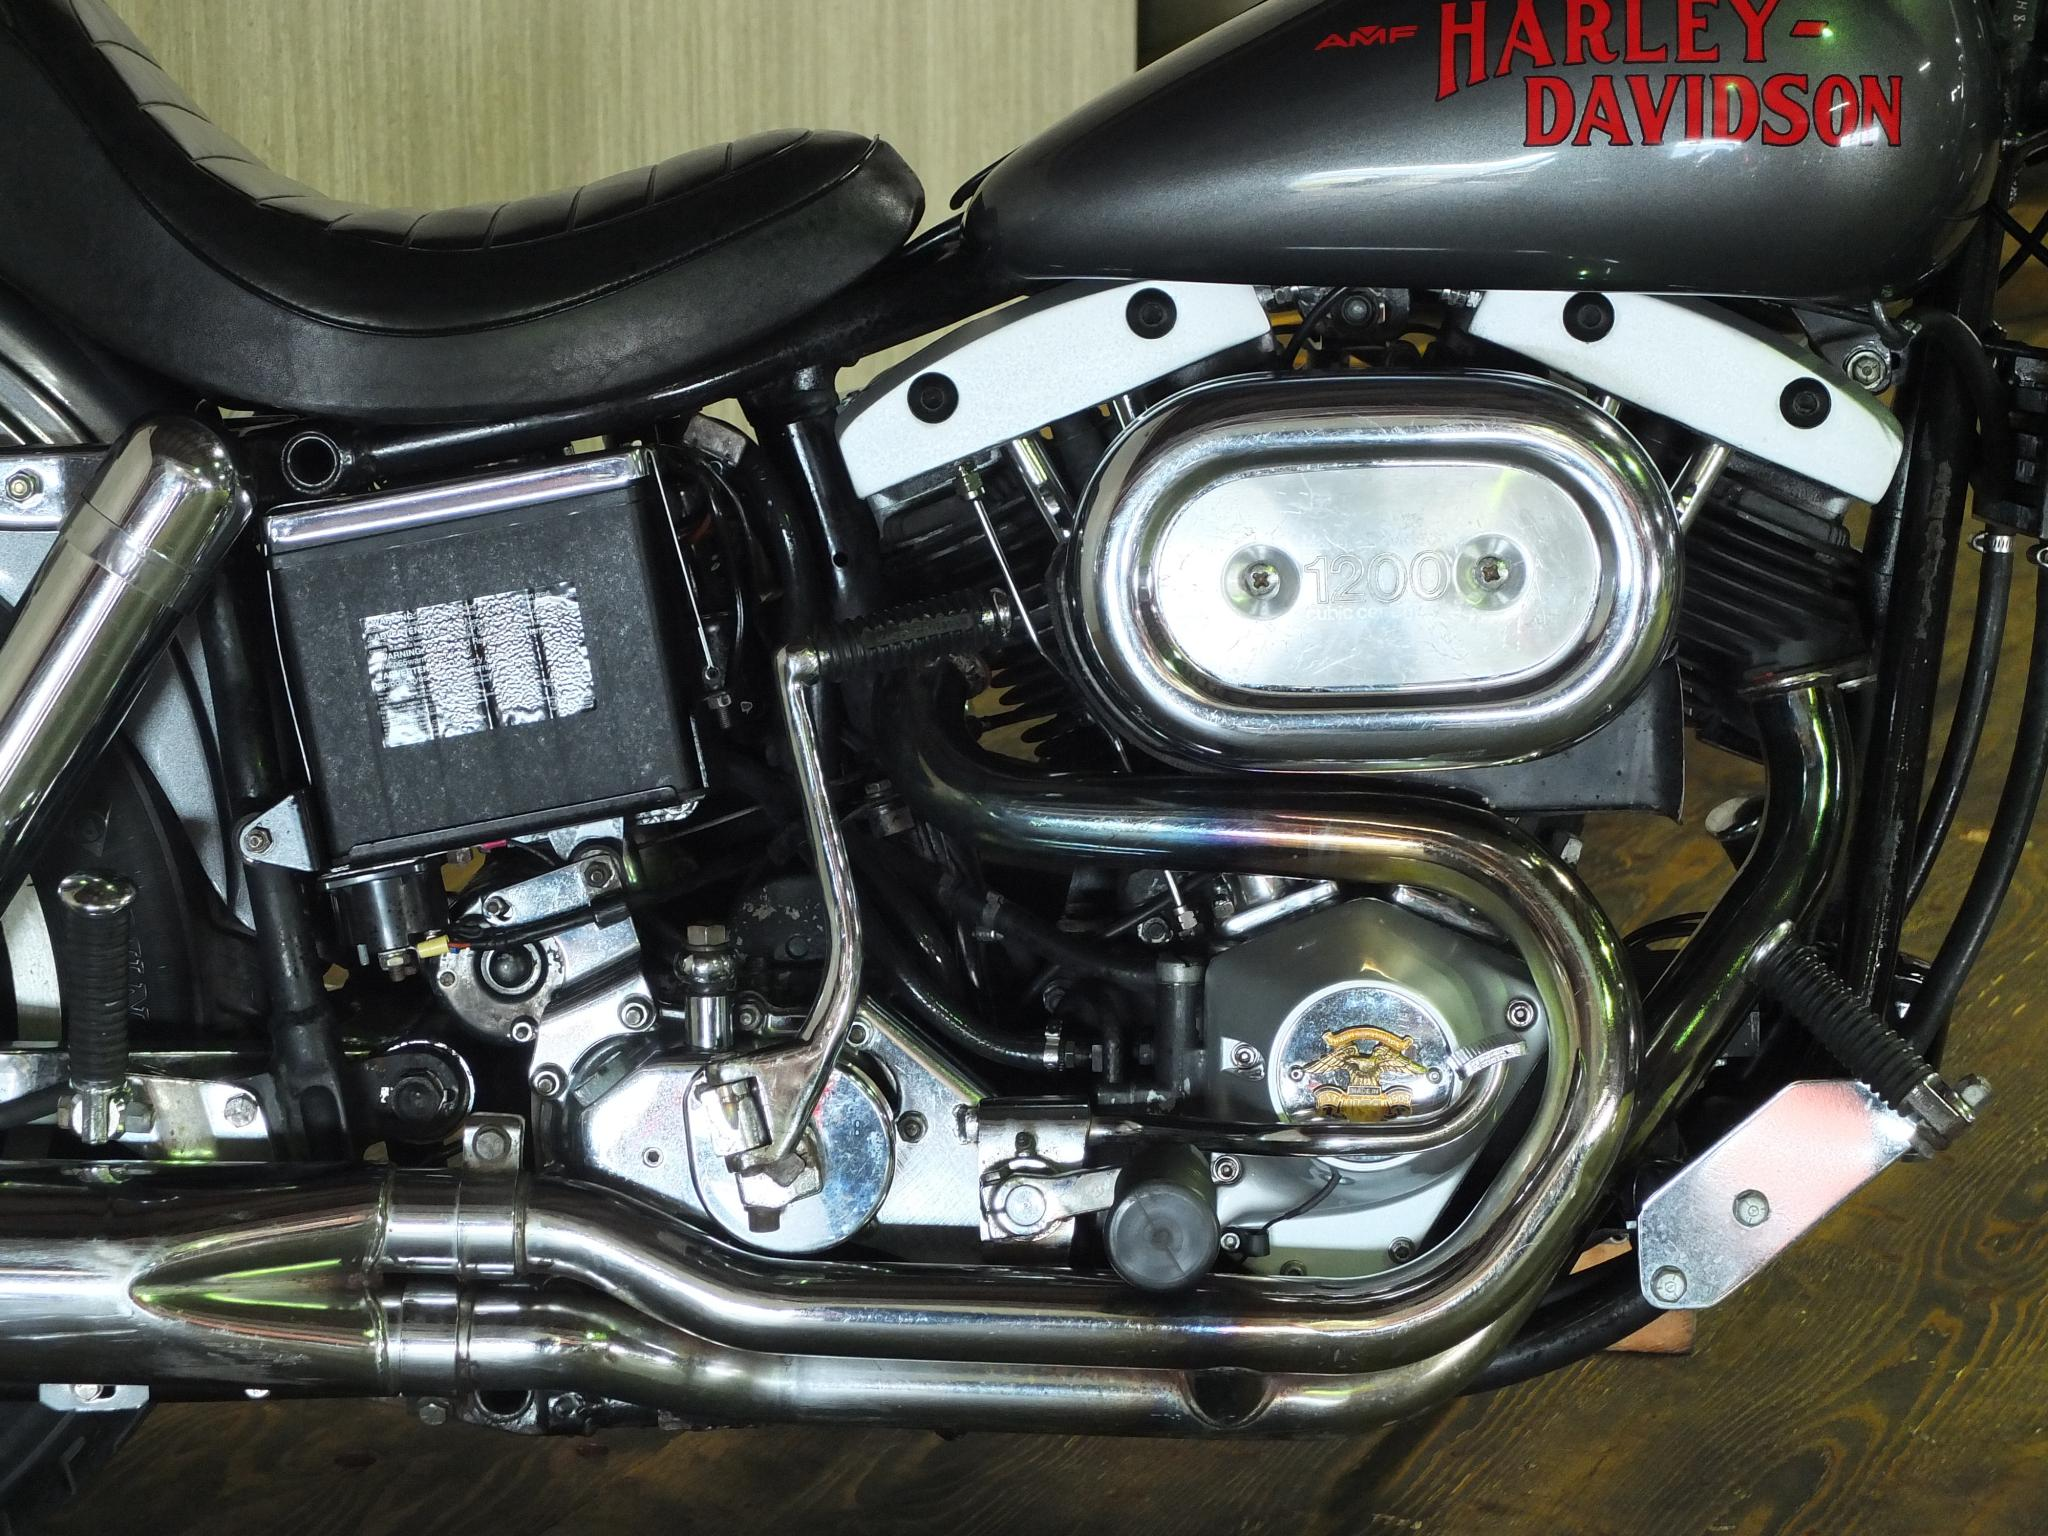 ハーレーダビッドソン 1978 FXS 1200 Low Rider 車体写真7